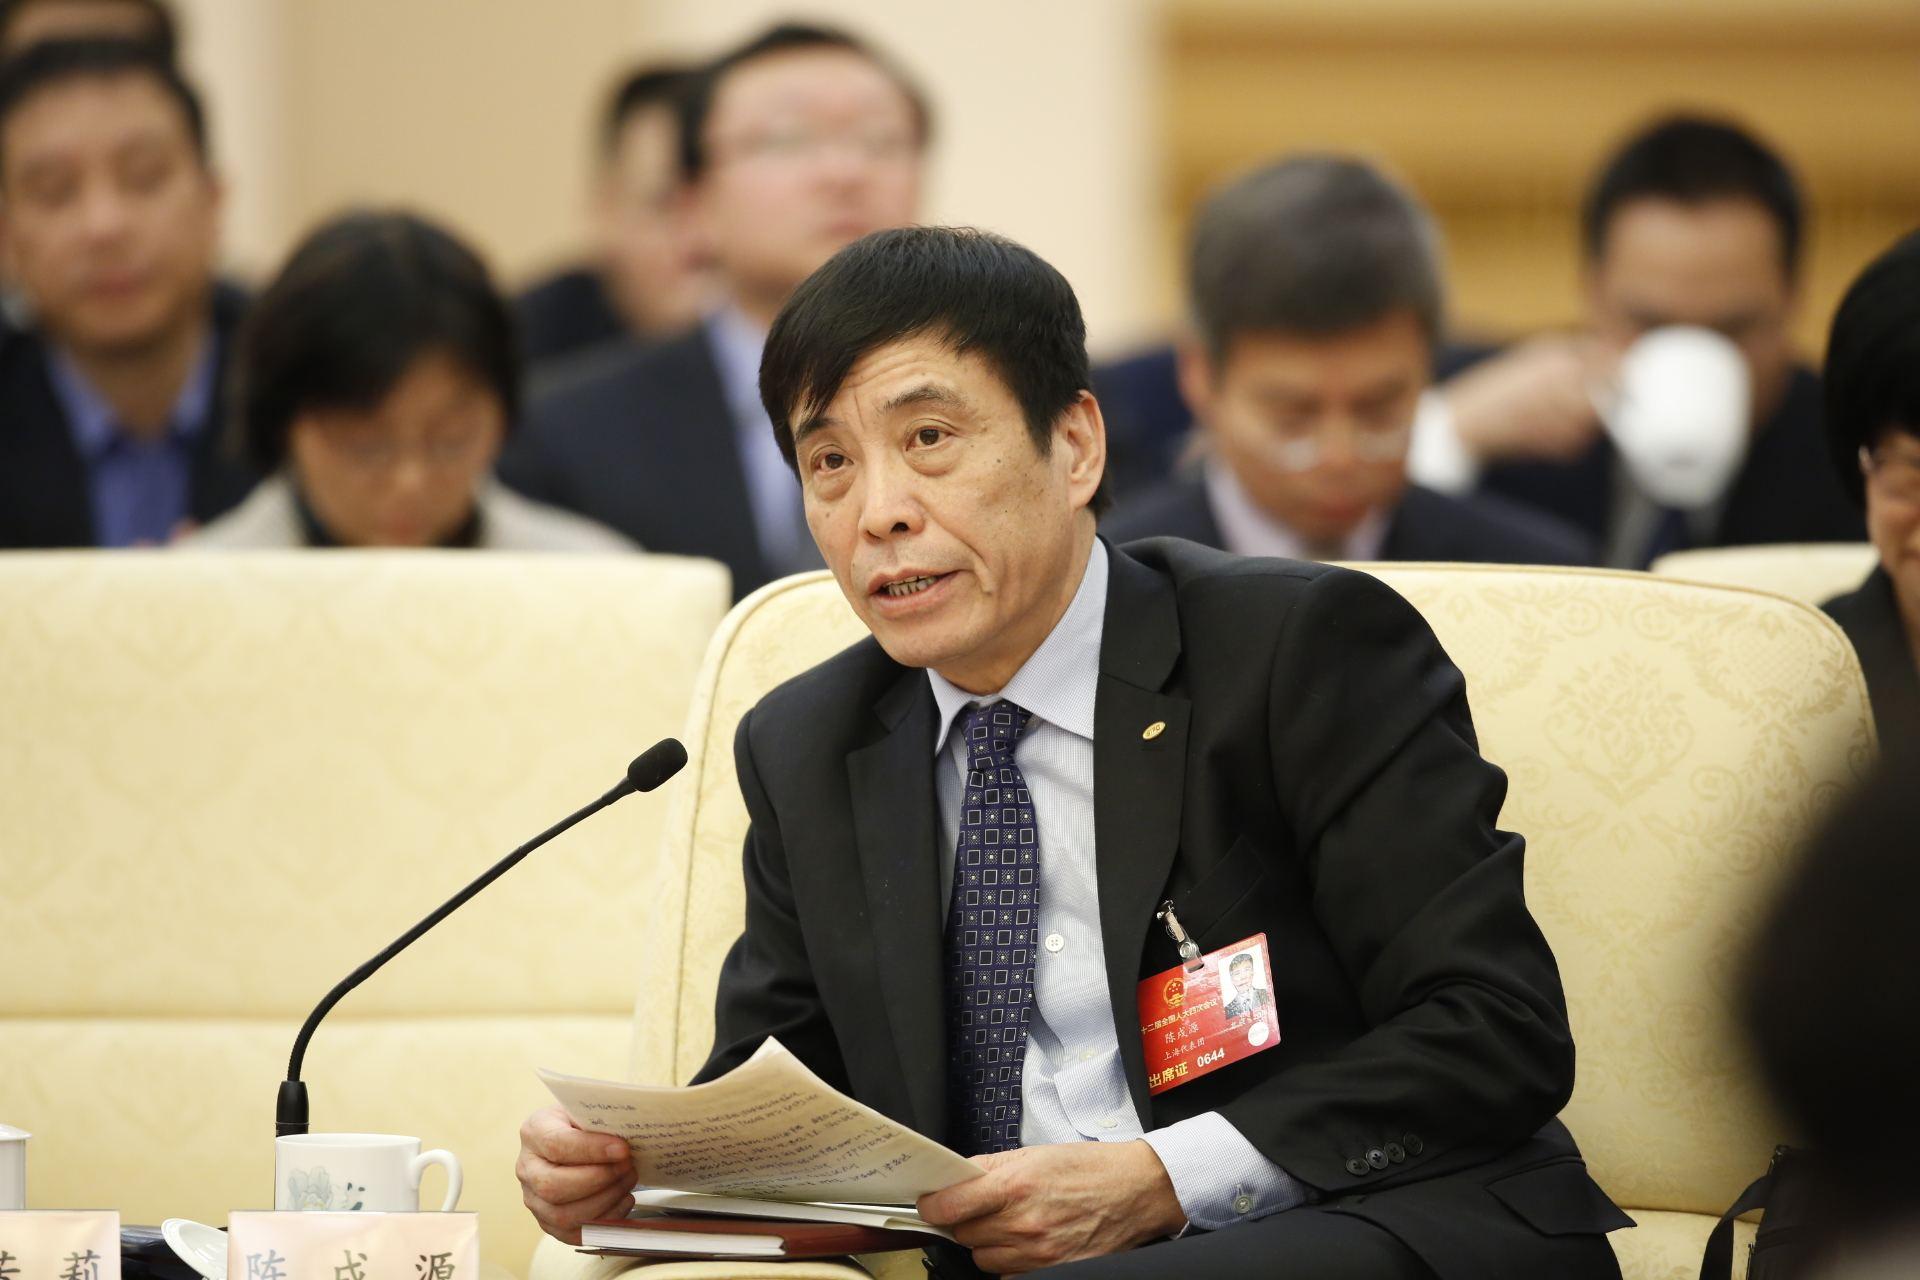 陈戌源将成中国足协专职主席 角色ξ 类似篮协姚明